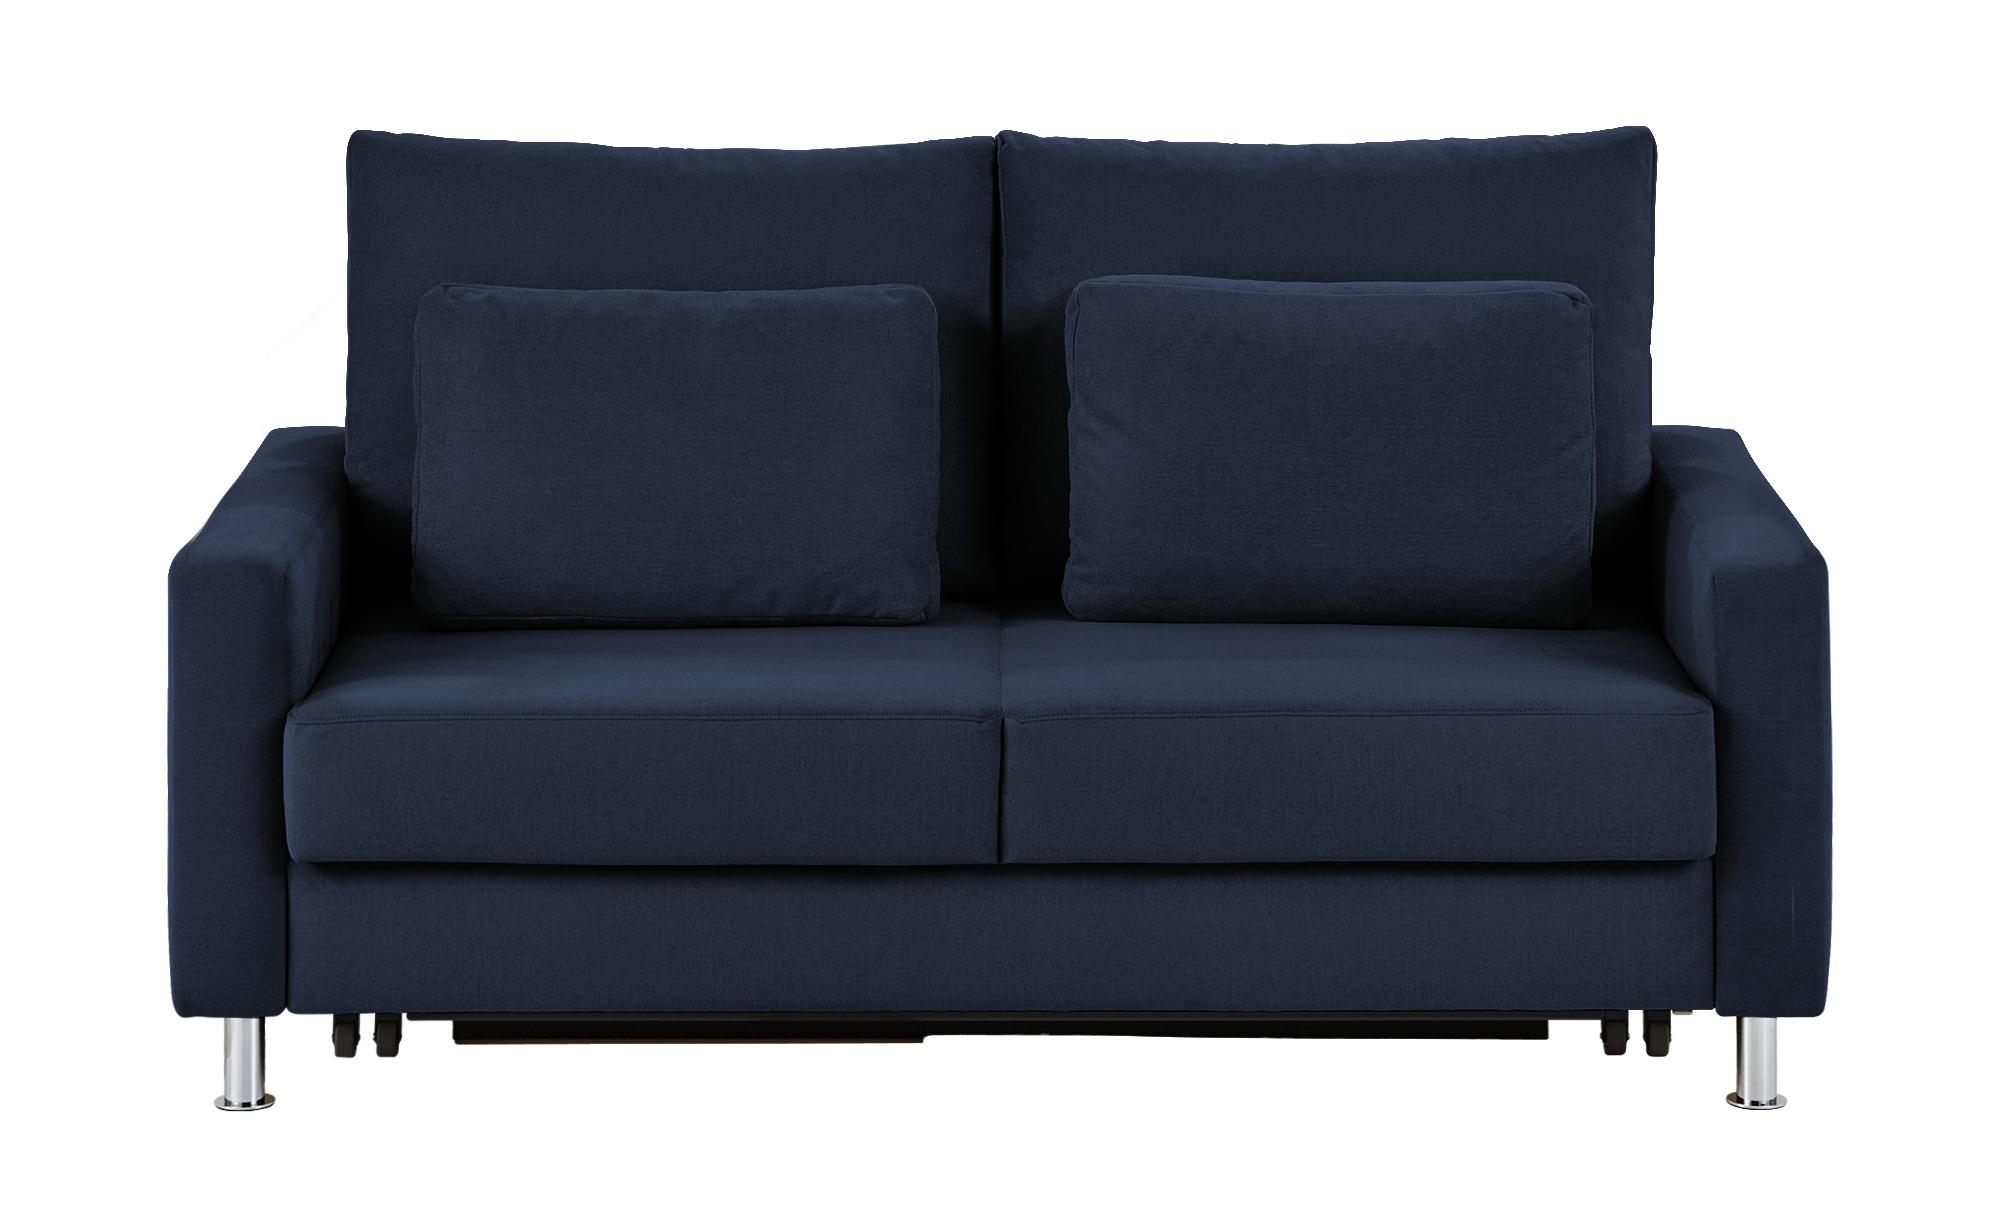 Schlafsofa blau - Mikrofaser Fürth ¦ blau ¦ Maße (cm): B: 146 H: 90 T: 95 Polstermöbel > Sofas > 2-Sitzer - Höffner